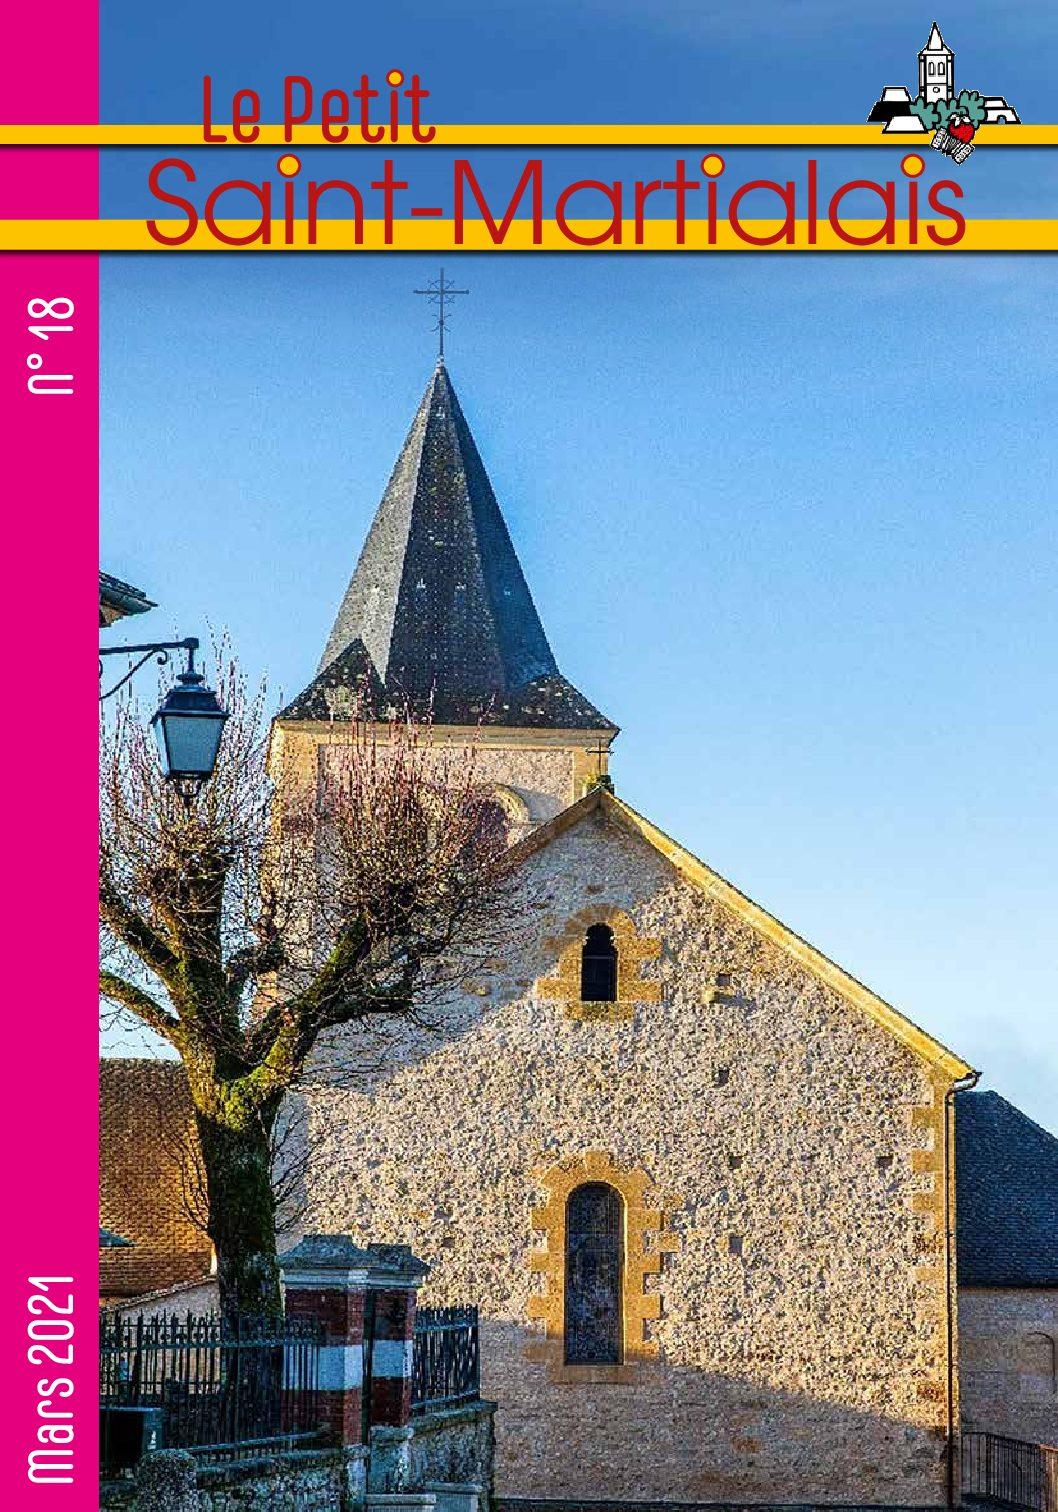 Le Petit Sant-Martialais n°18